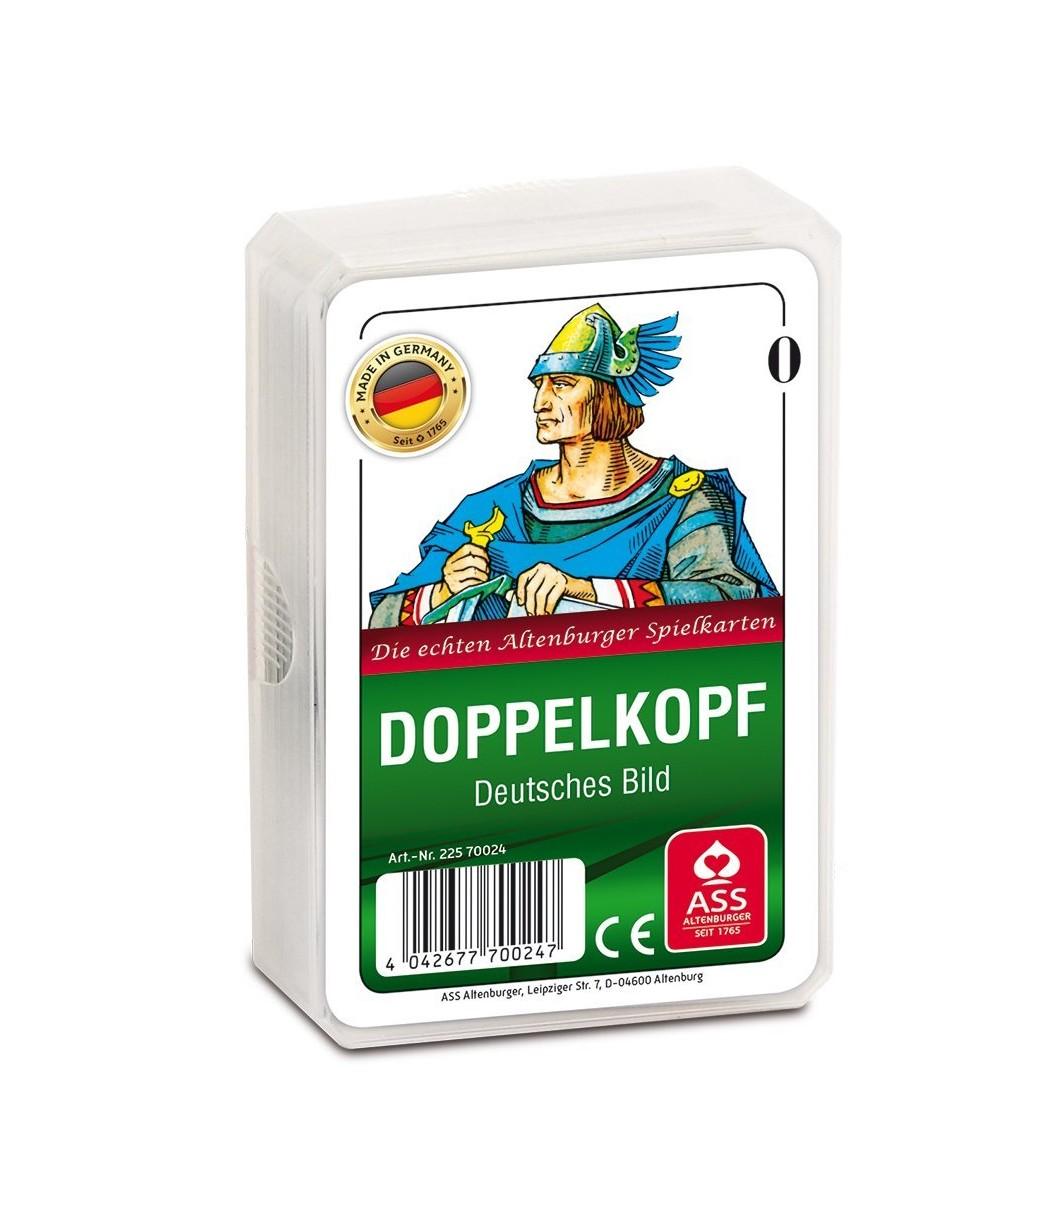 Doppelkopf. Deutsches Bild